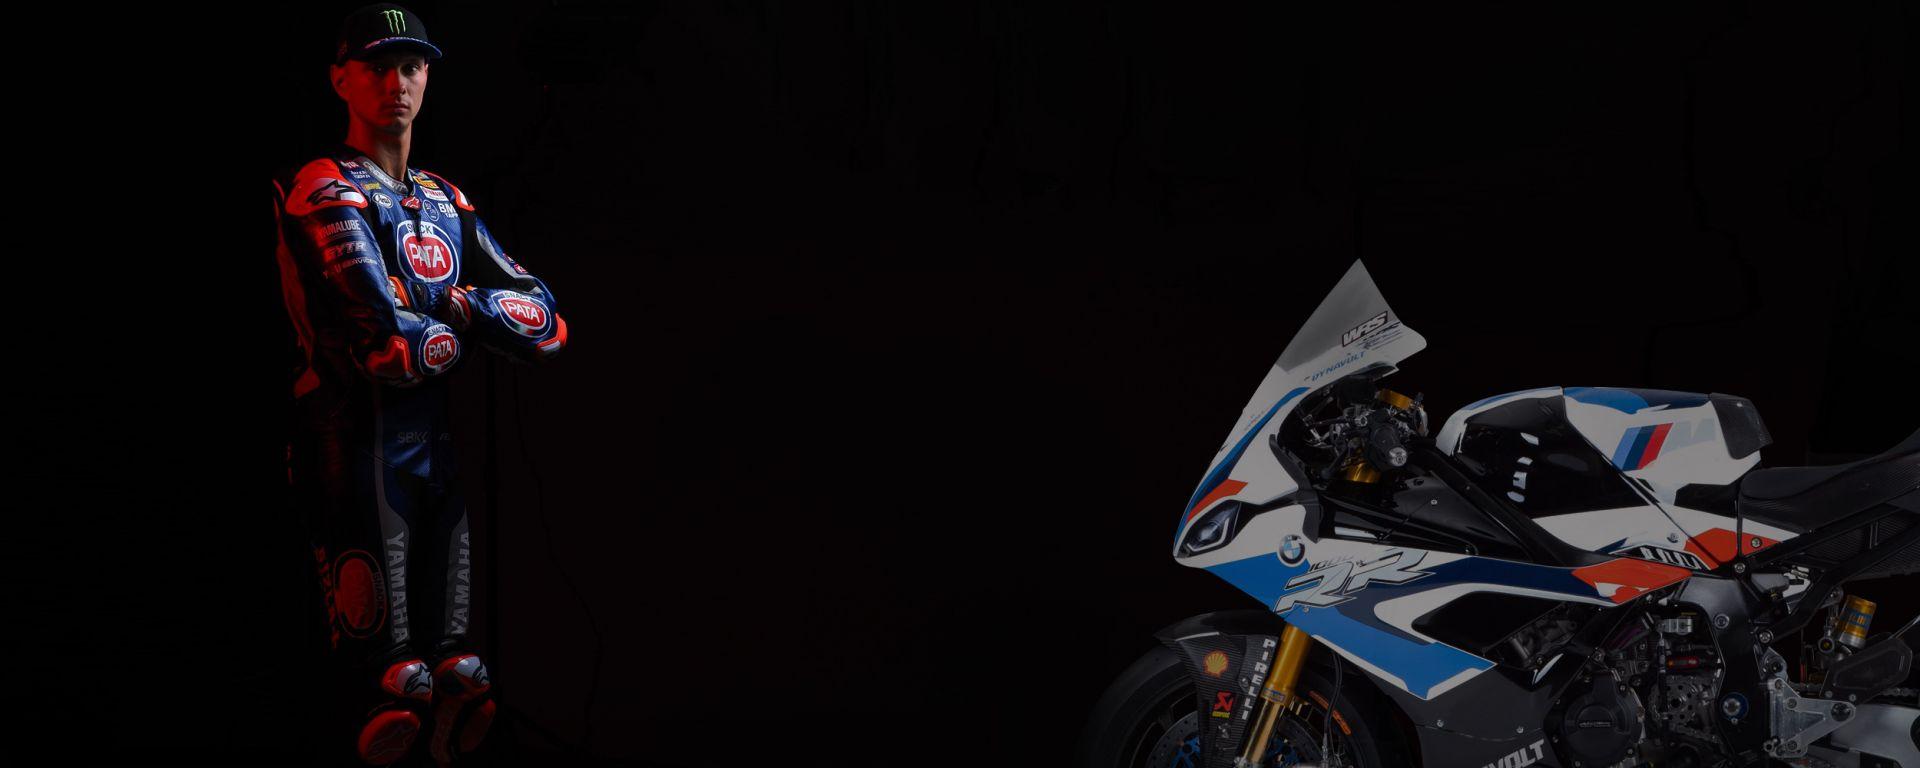 Michael Van der Mark guarda alla BMW in un fotomontaggio del sito WorldSBK